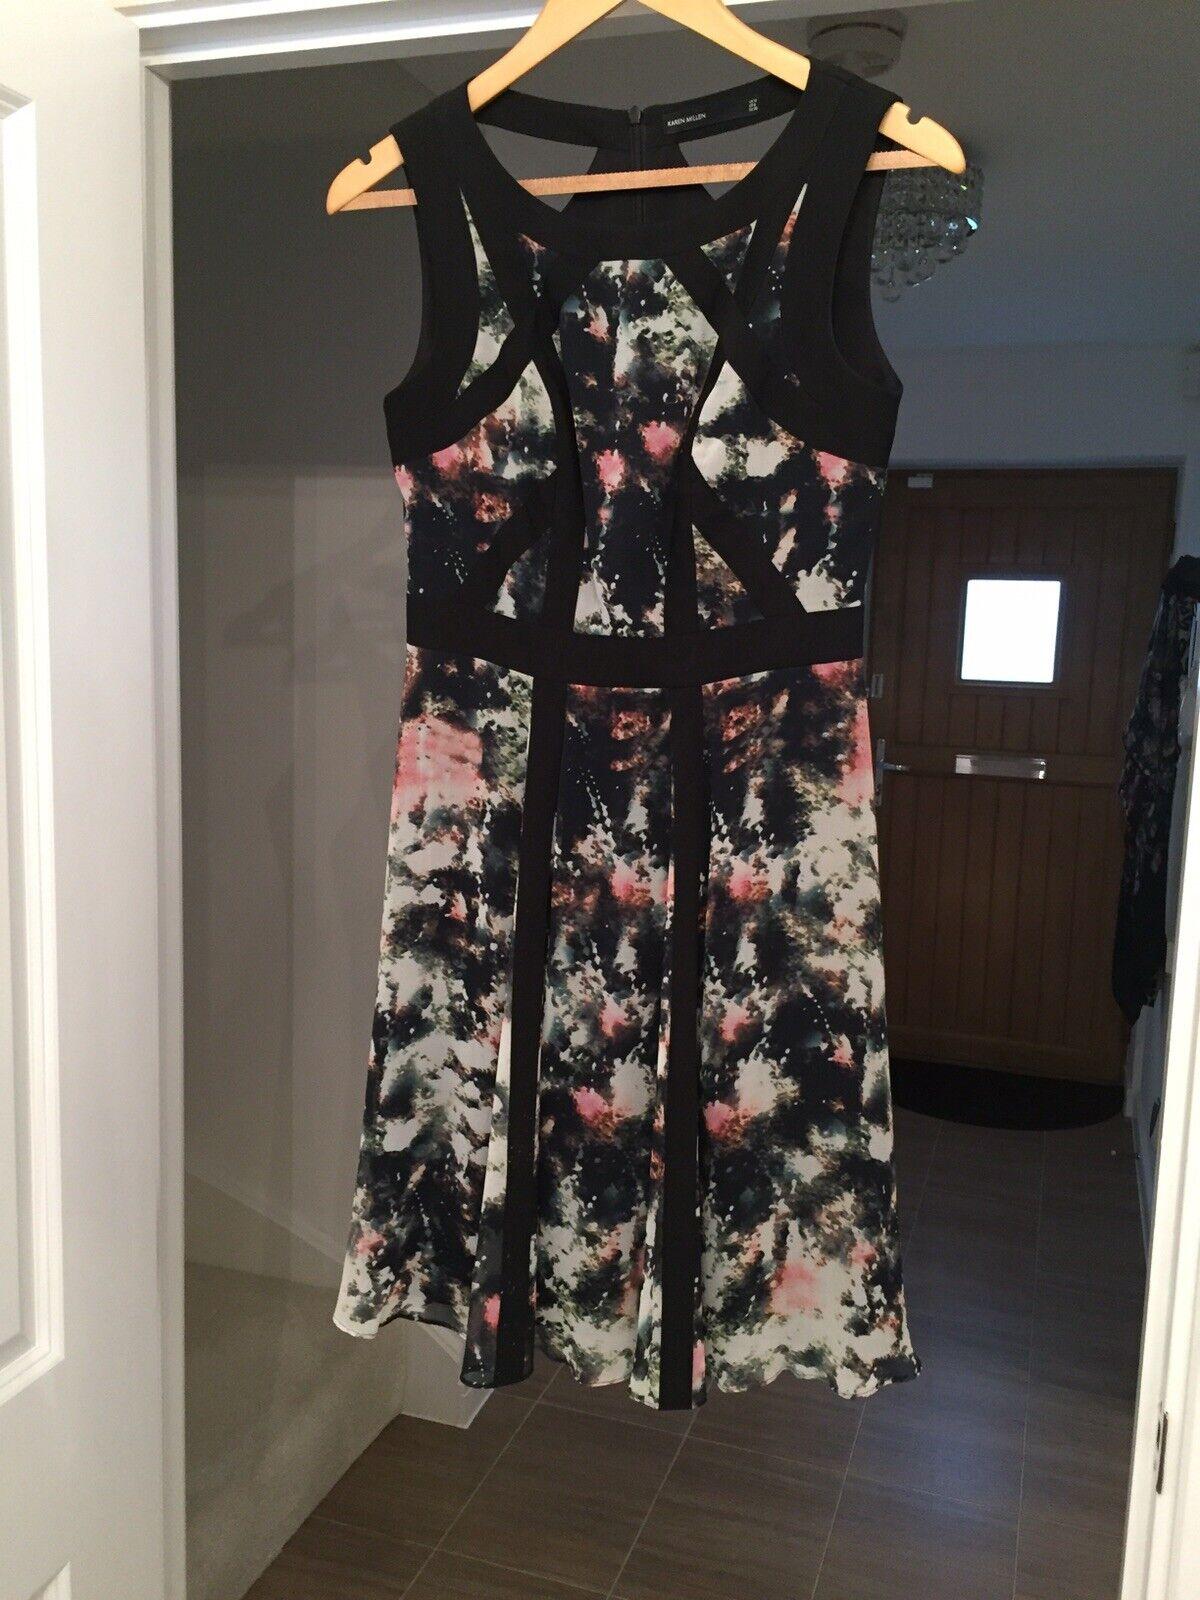 Brand New Karen Millen Dress in schwarz Multi Smudge Print UK Größe 10